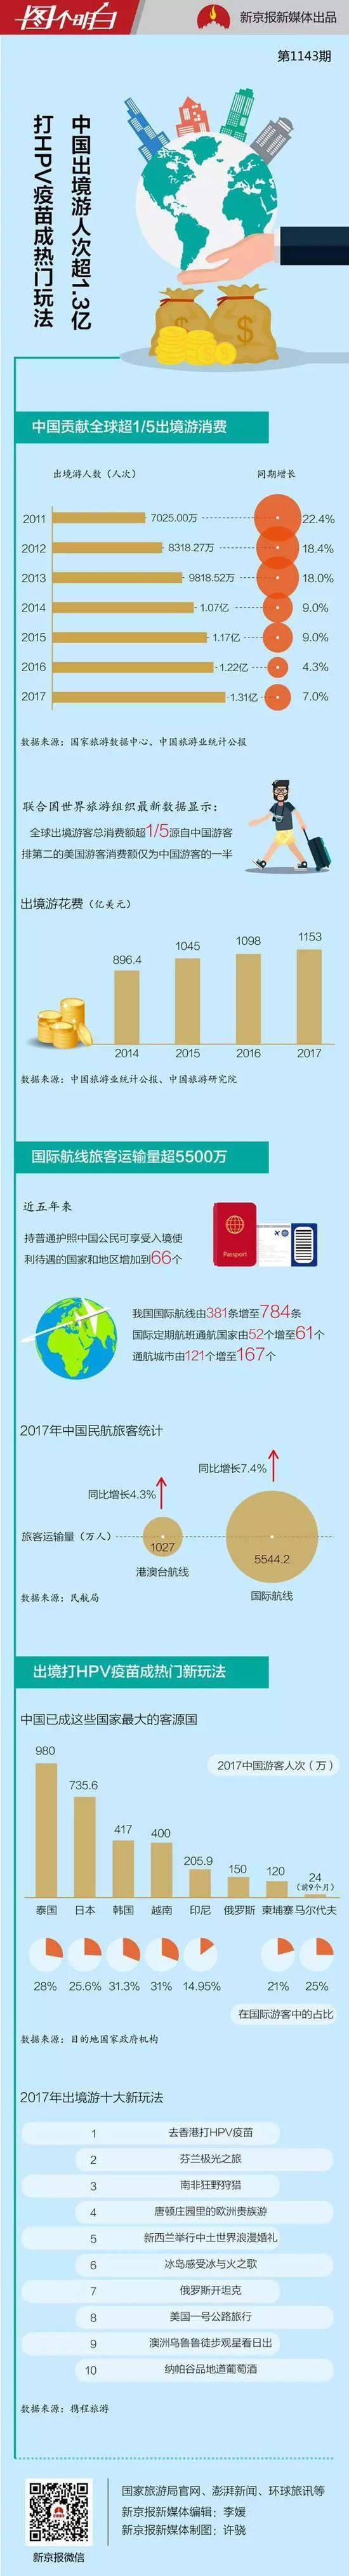 打疫苗看极光开坦克 去年中国人出境游都干了啥?